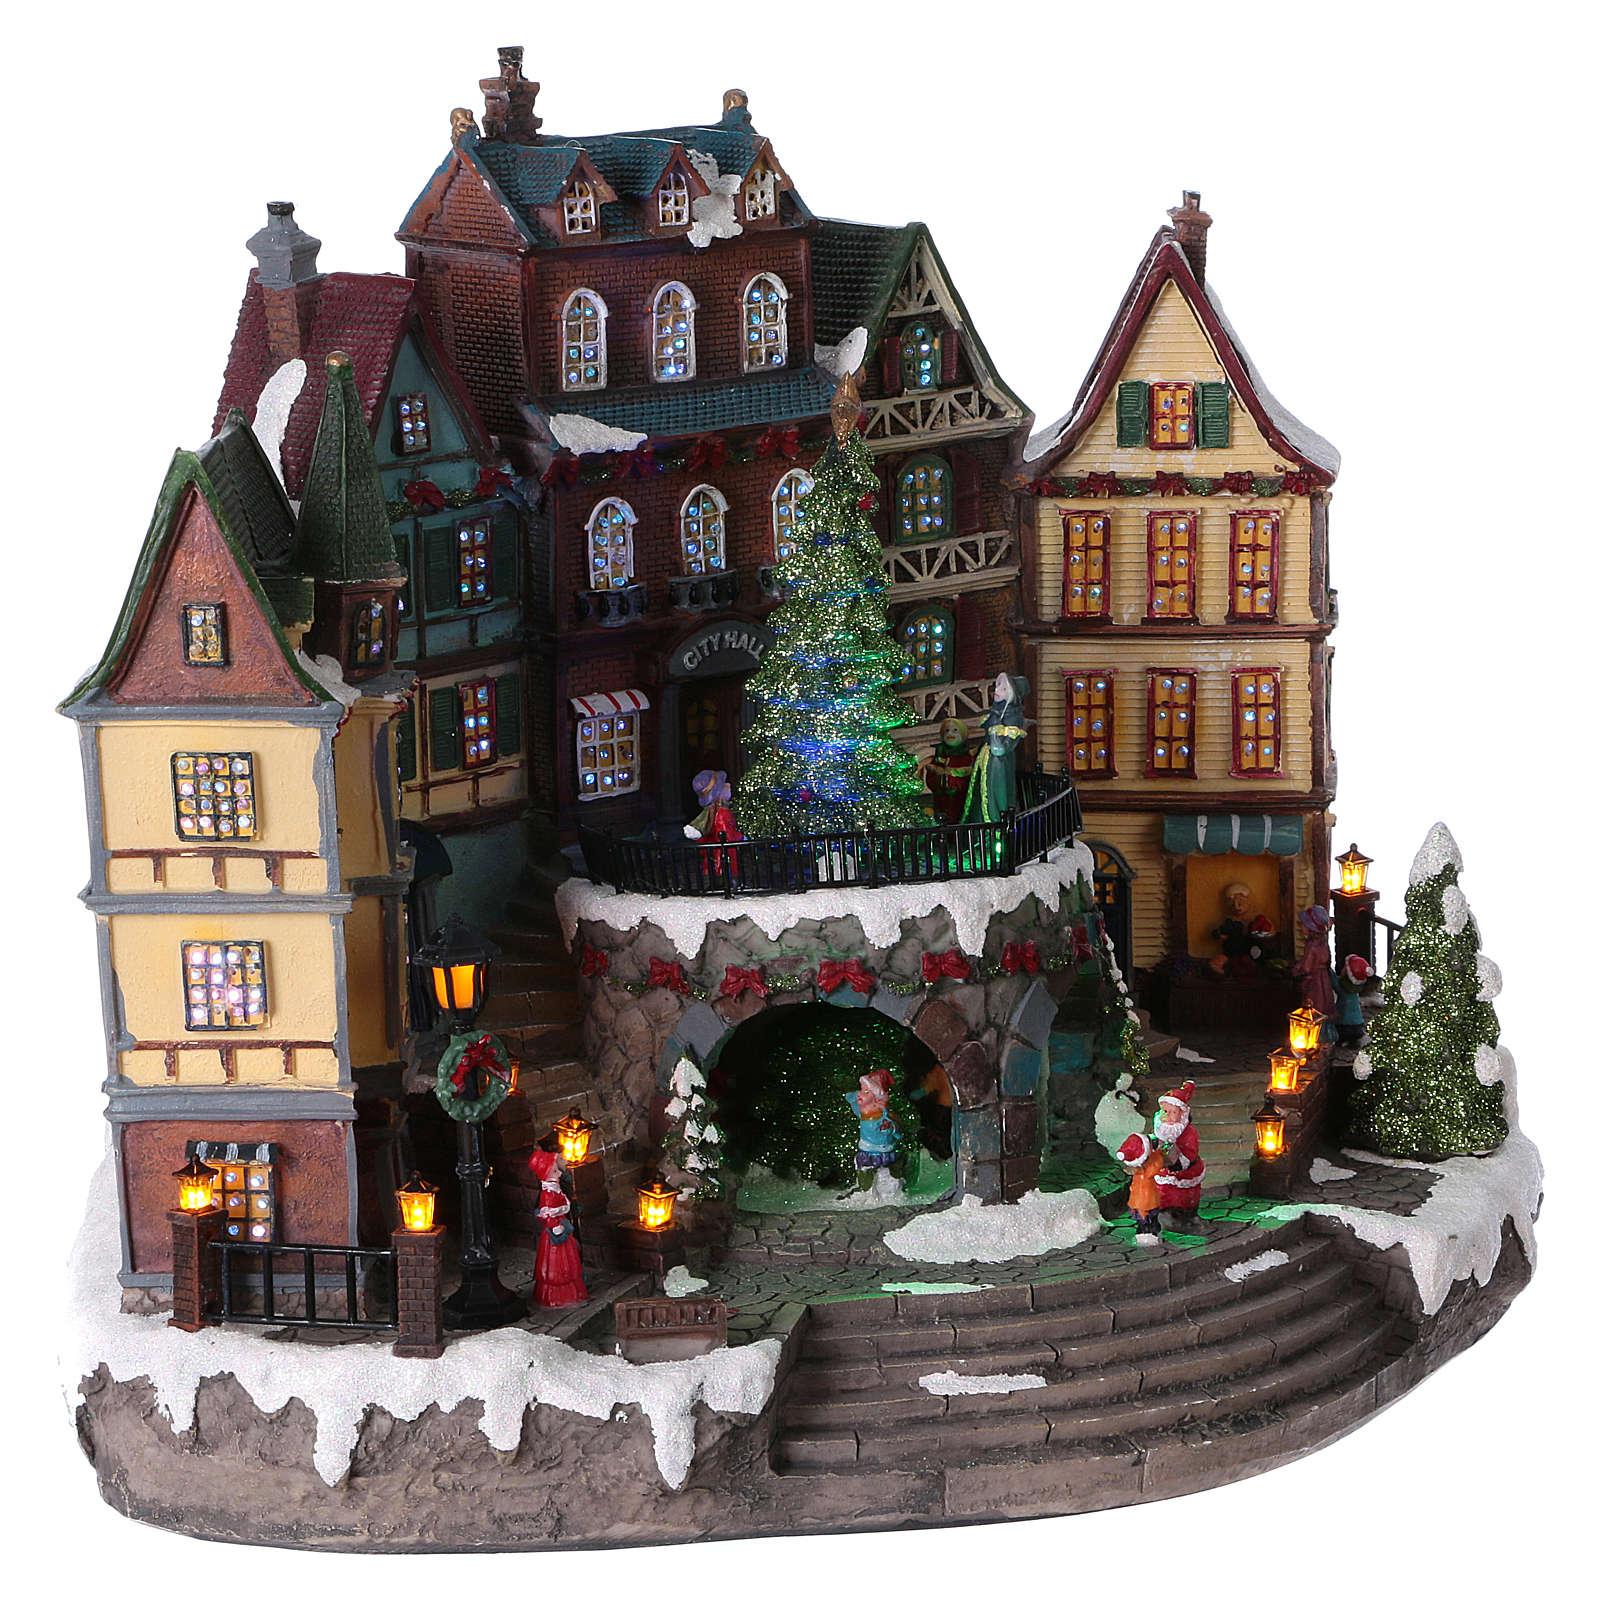 Villaggio di Natale albero movimento paese alpino 30x40x20 batteria corrente 3